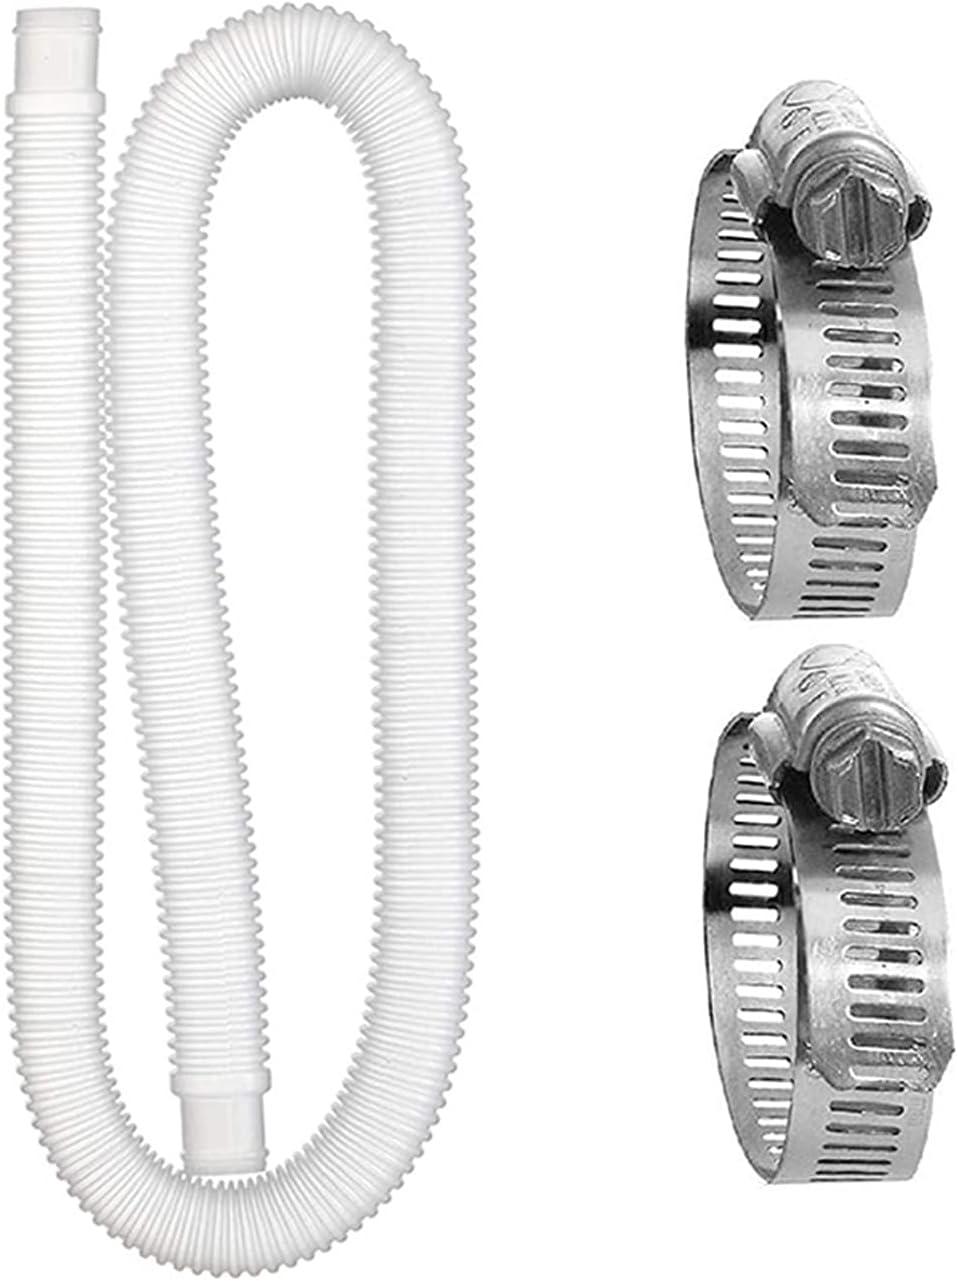 CHIKIXSON Piscina Manguera de Repuesto, Manguera de Repuesto para Piscinas Elevadas, Manguera de Repuesto para Bomba de Filtro de Piscina con 2 Anillos de Conexión de Metal (1,5 M)